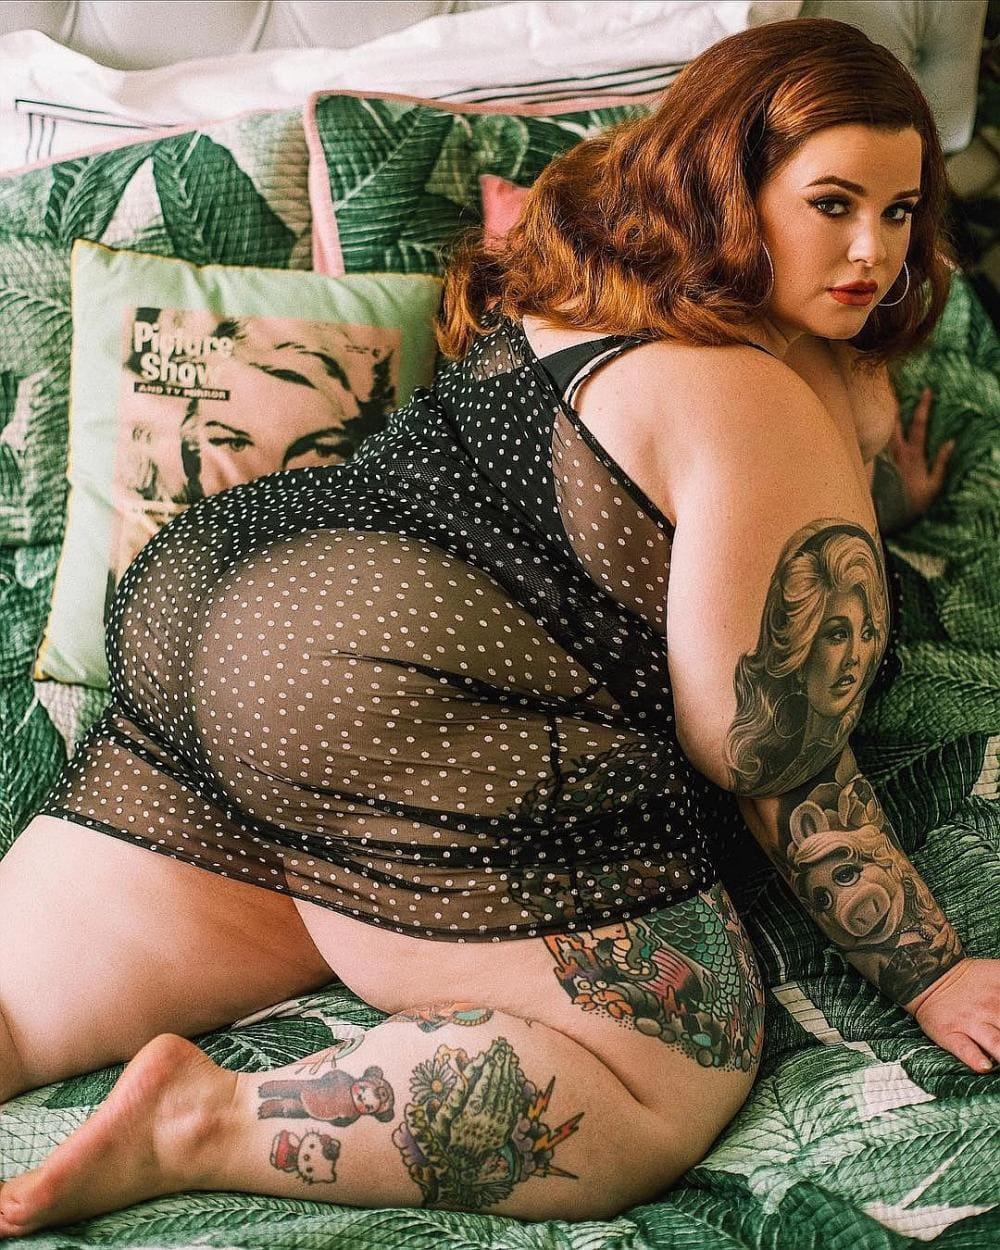 Тесс Холидей горячие фото полуобнаженная прикрыта прозрачным черным в горошек пеньюаре, стоит на коленях в постеле